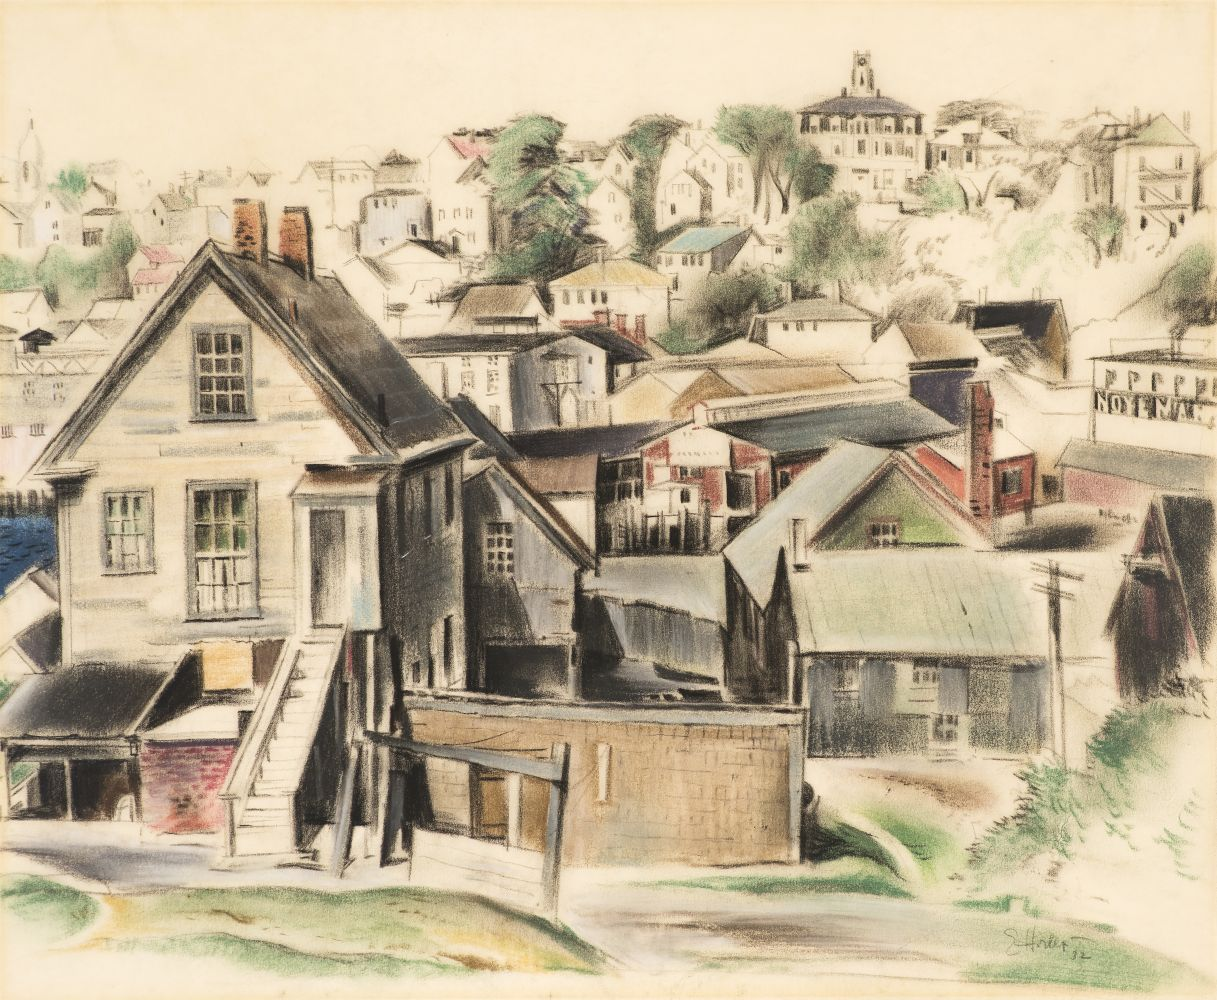 Earl Horter (1881–1940), Gloucester, Massachusetts, 1932, pastel on vellum, 12 x 14 1/2  in., signed and dated lower right: E. Horter '32